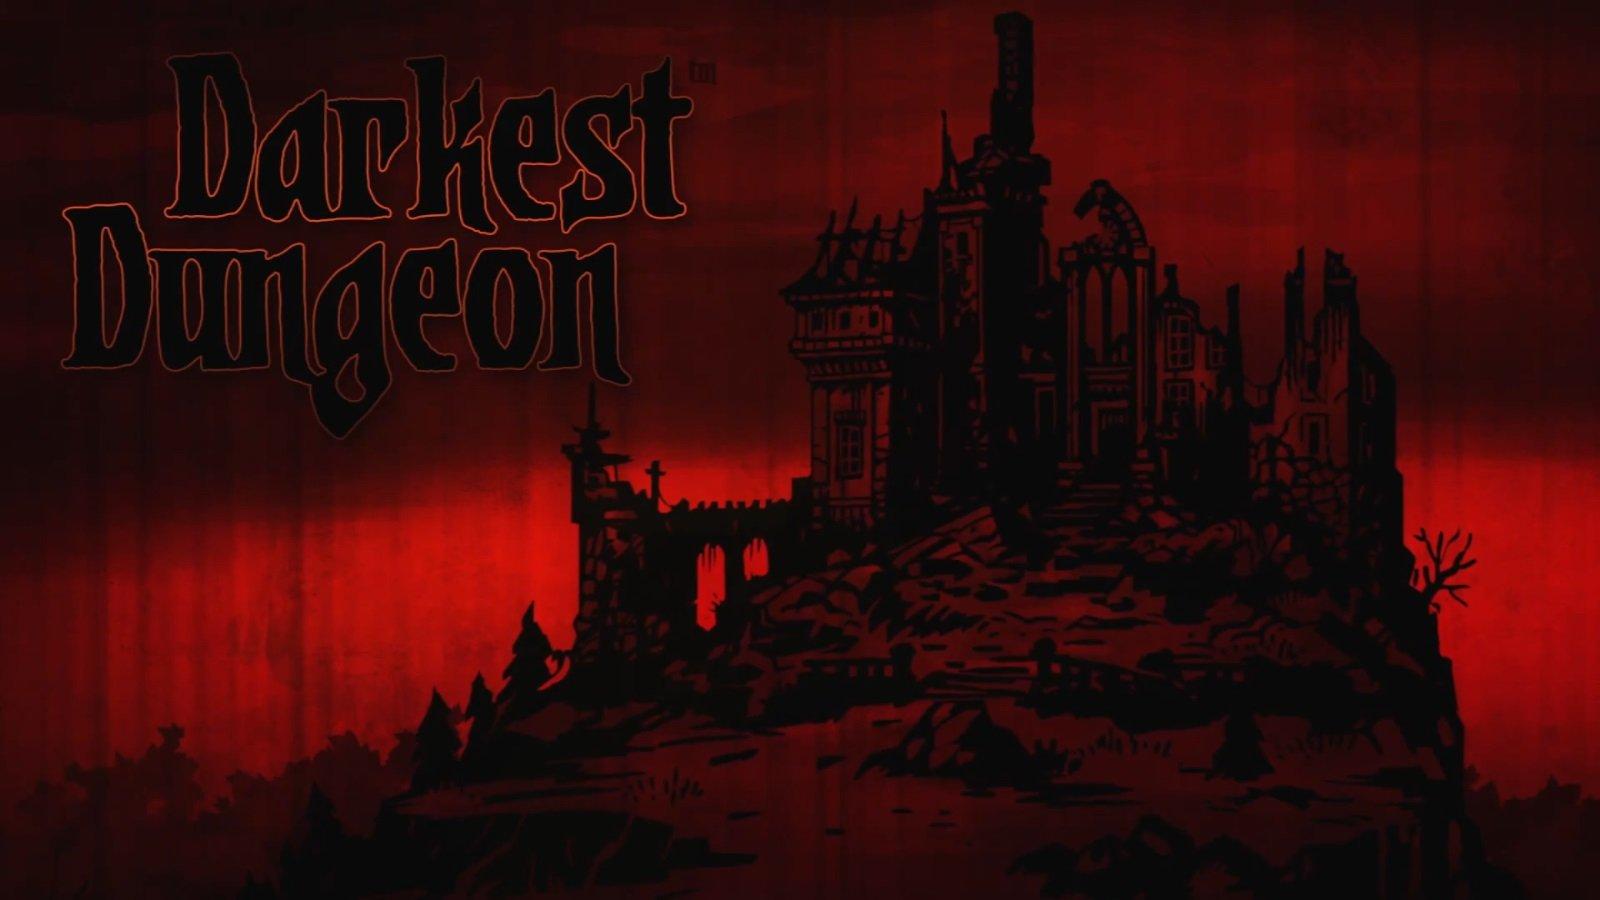 """Darkest Dungeon - правильная RPG про """"вомгле"""". - Изображение 1"""